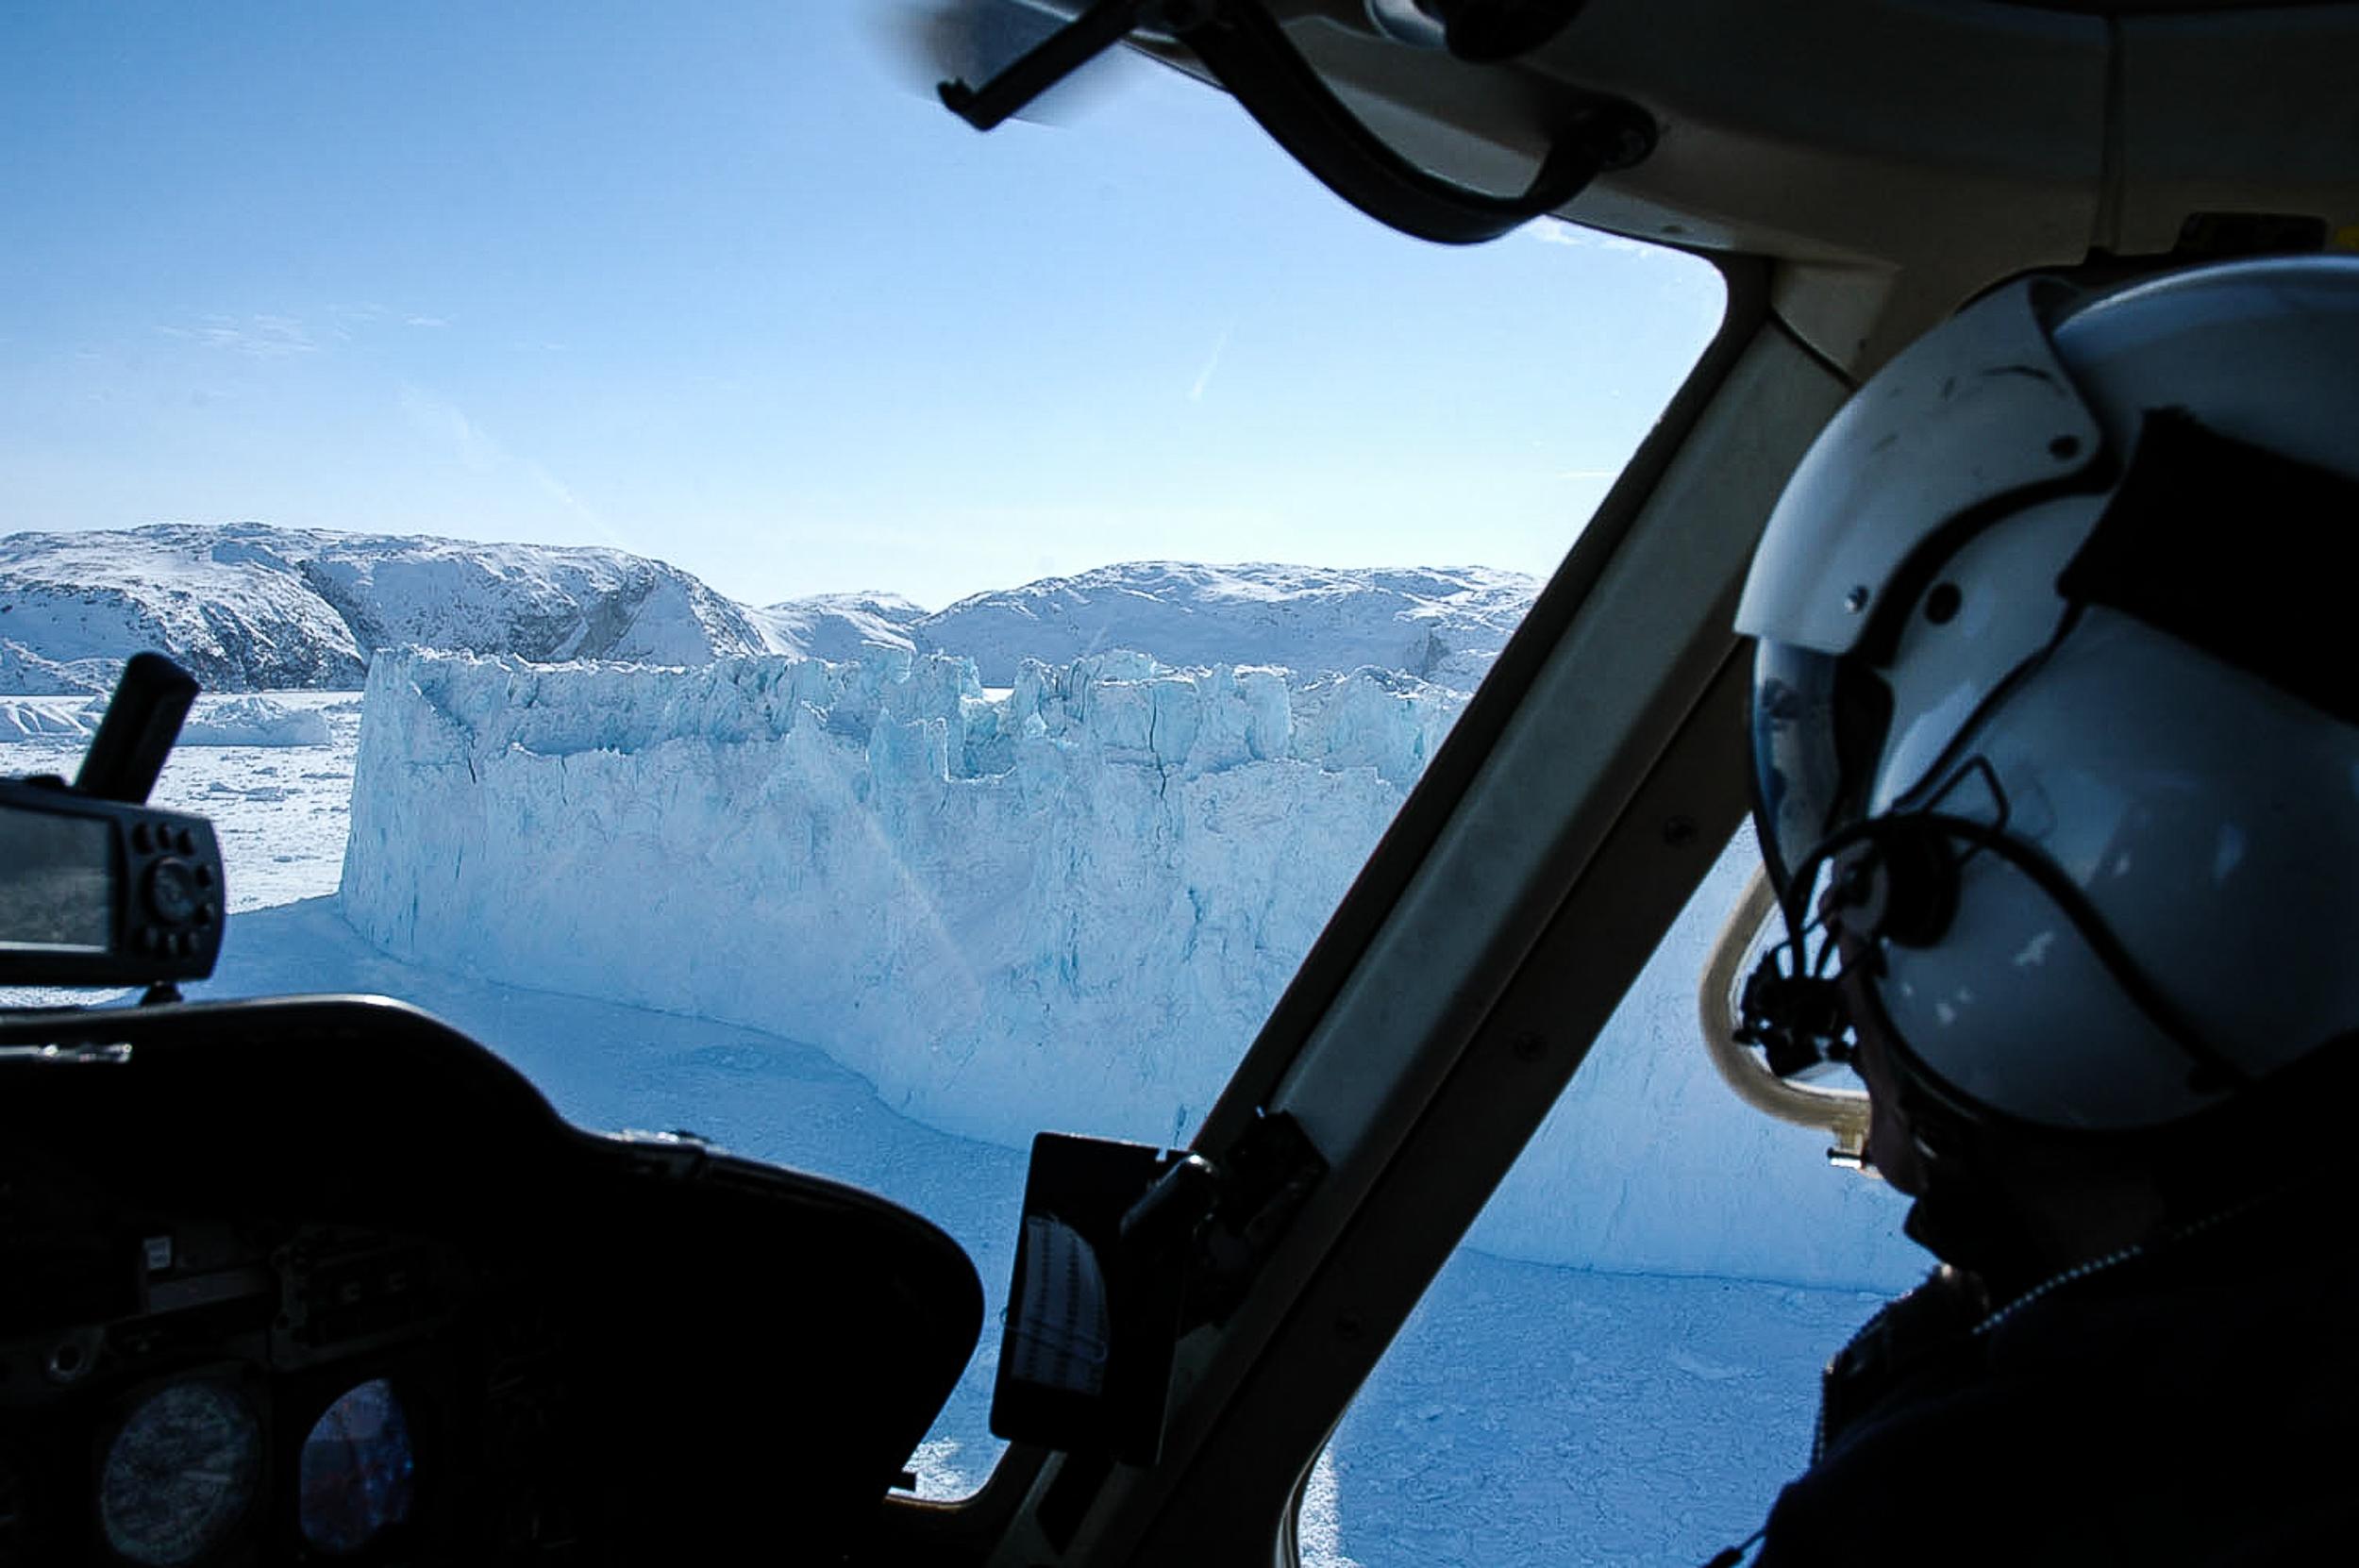 Icebergs Ilulissat Arctic Travel JONAA ©Kristjan Fridriksson-.jpg